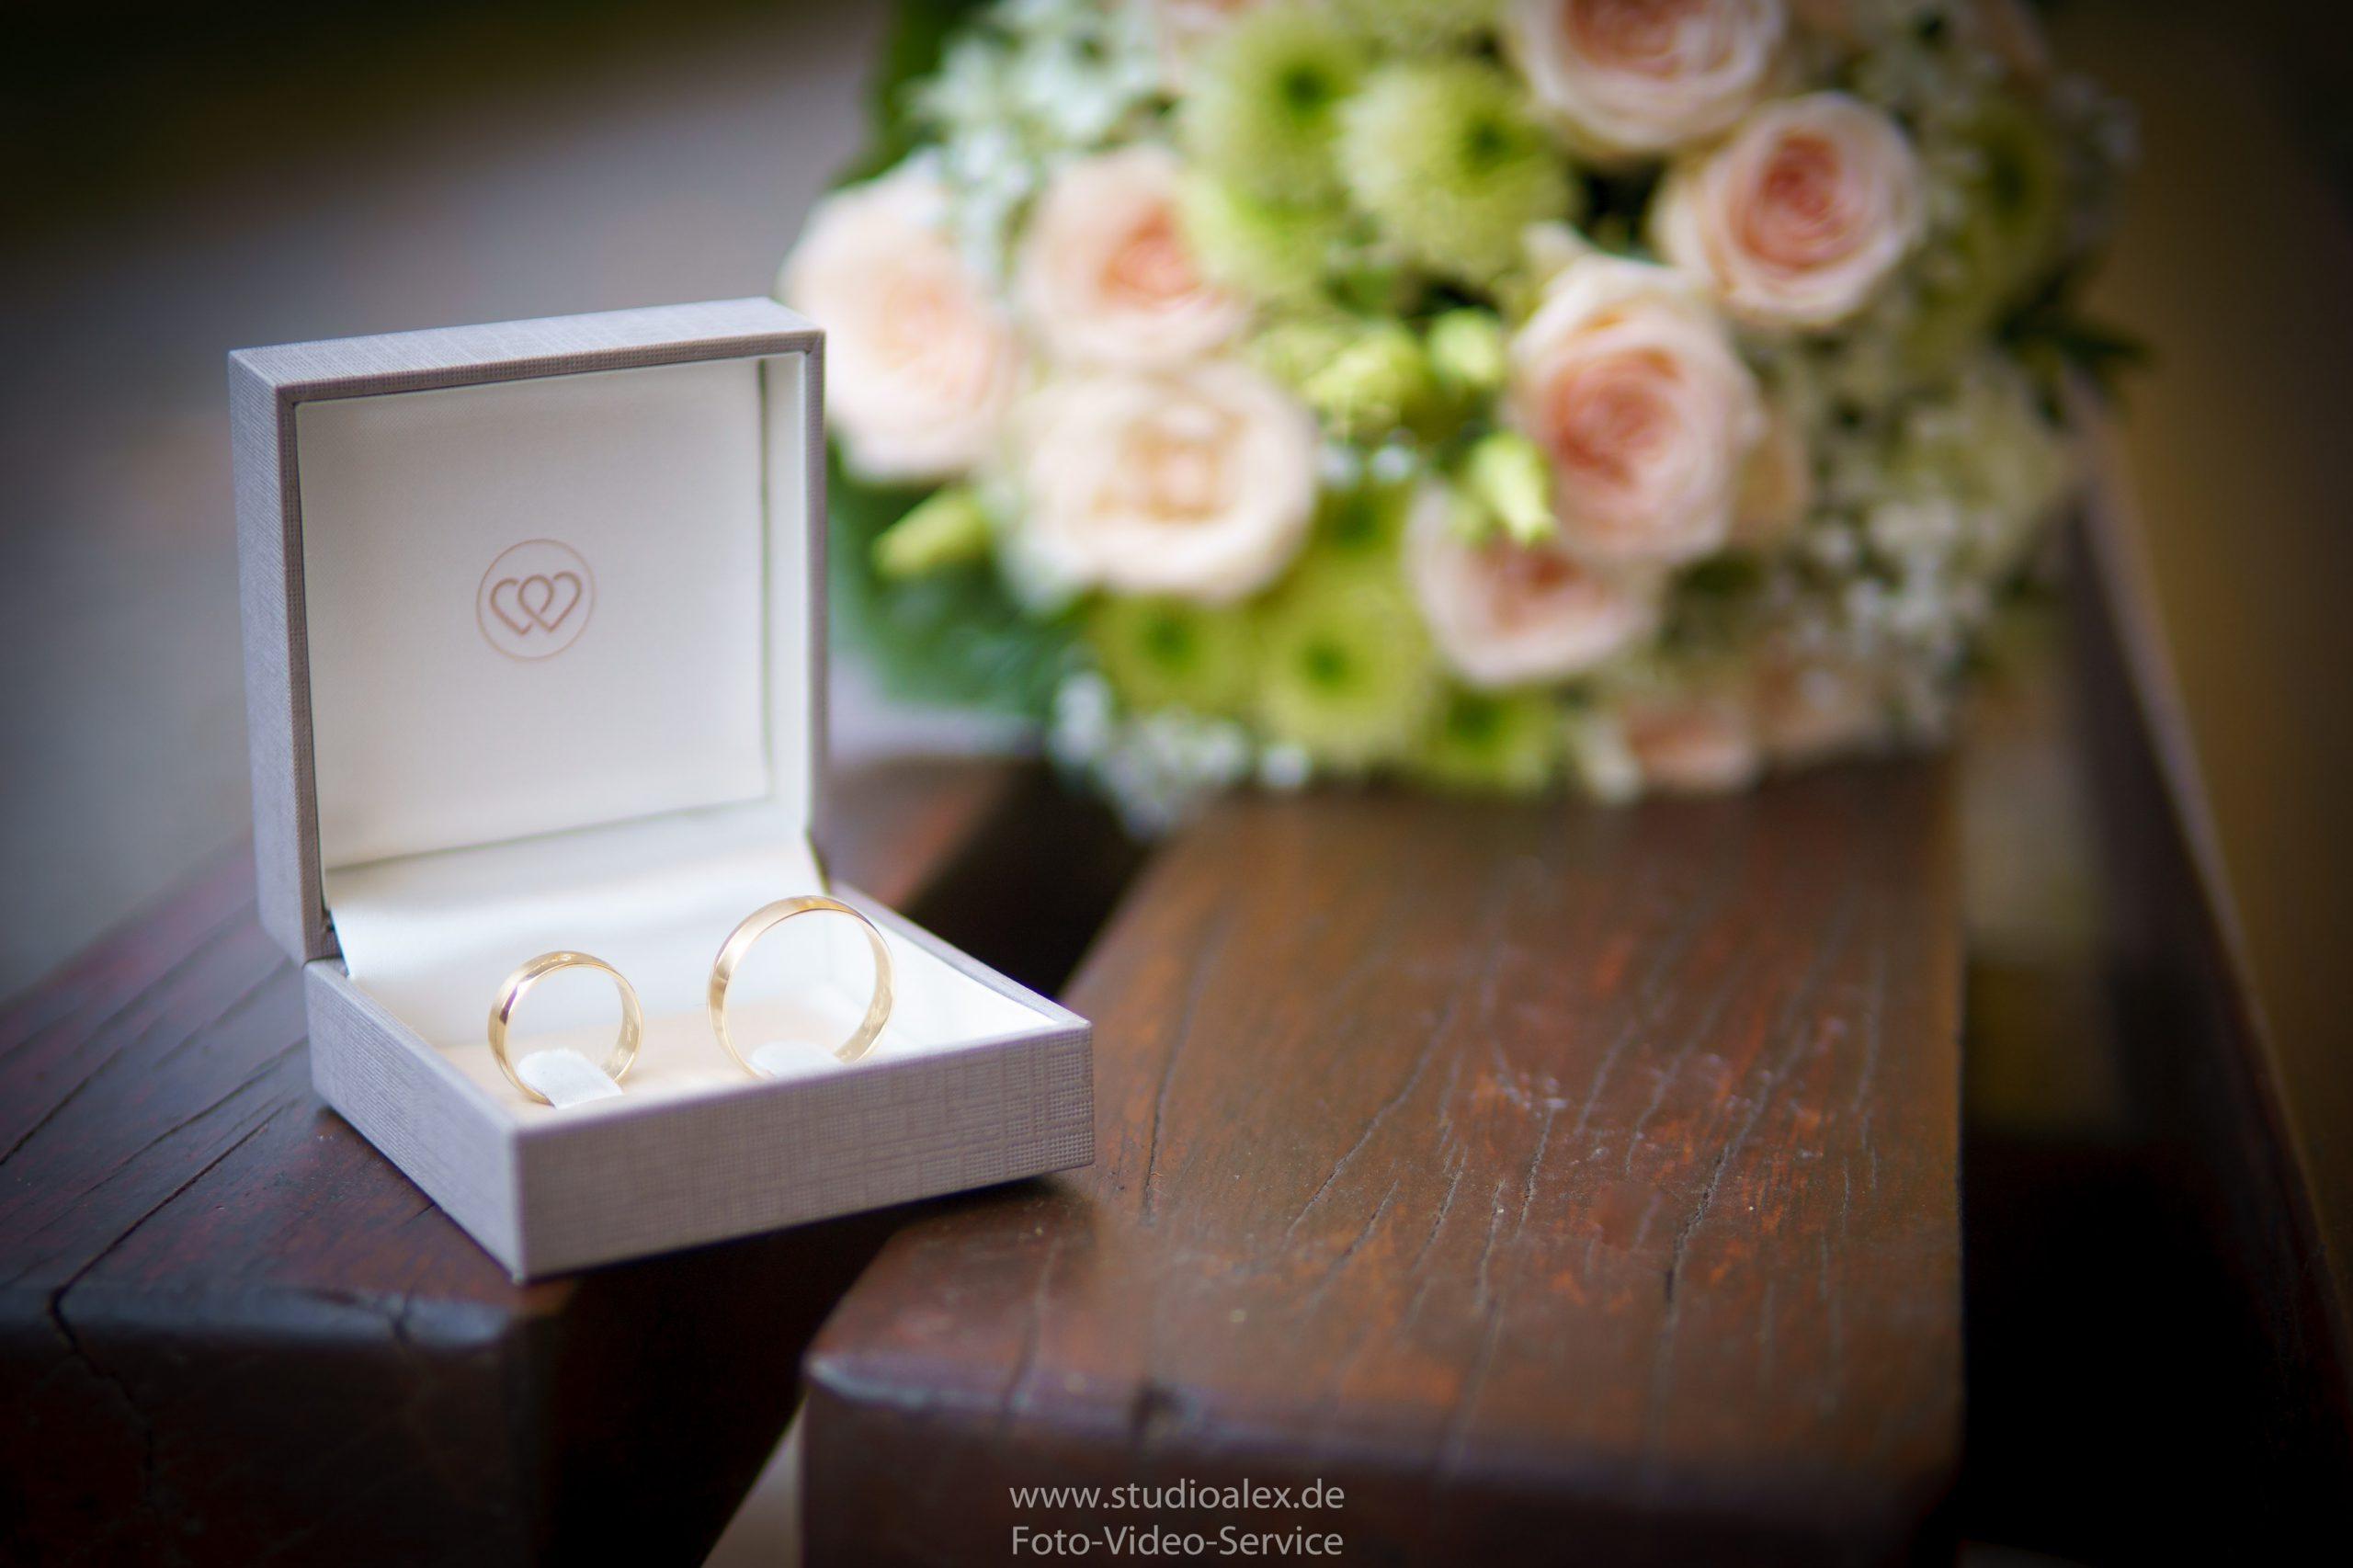 Hochzeitsfotograf-Amberg-Hochzeitsfotografie-Amberg-Hochzeitsfotos-Amberg-Hochzeitsbilder-Amberg-Fotograf-Hochzeit-Amberg-06434-scaled.jpg